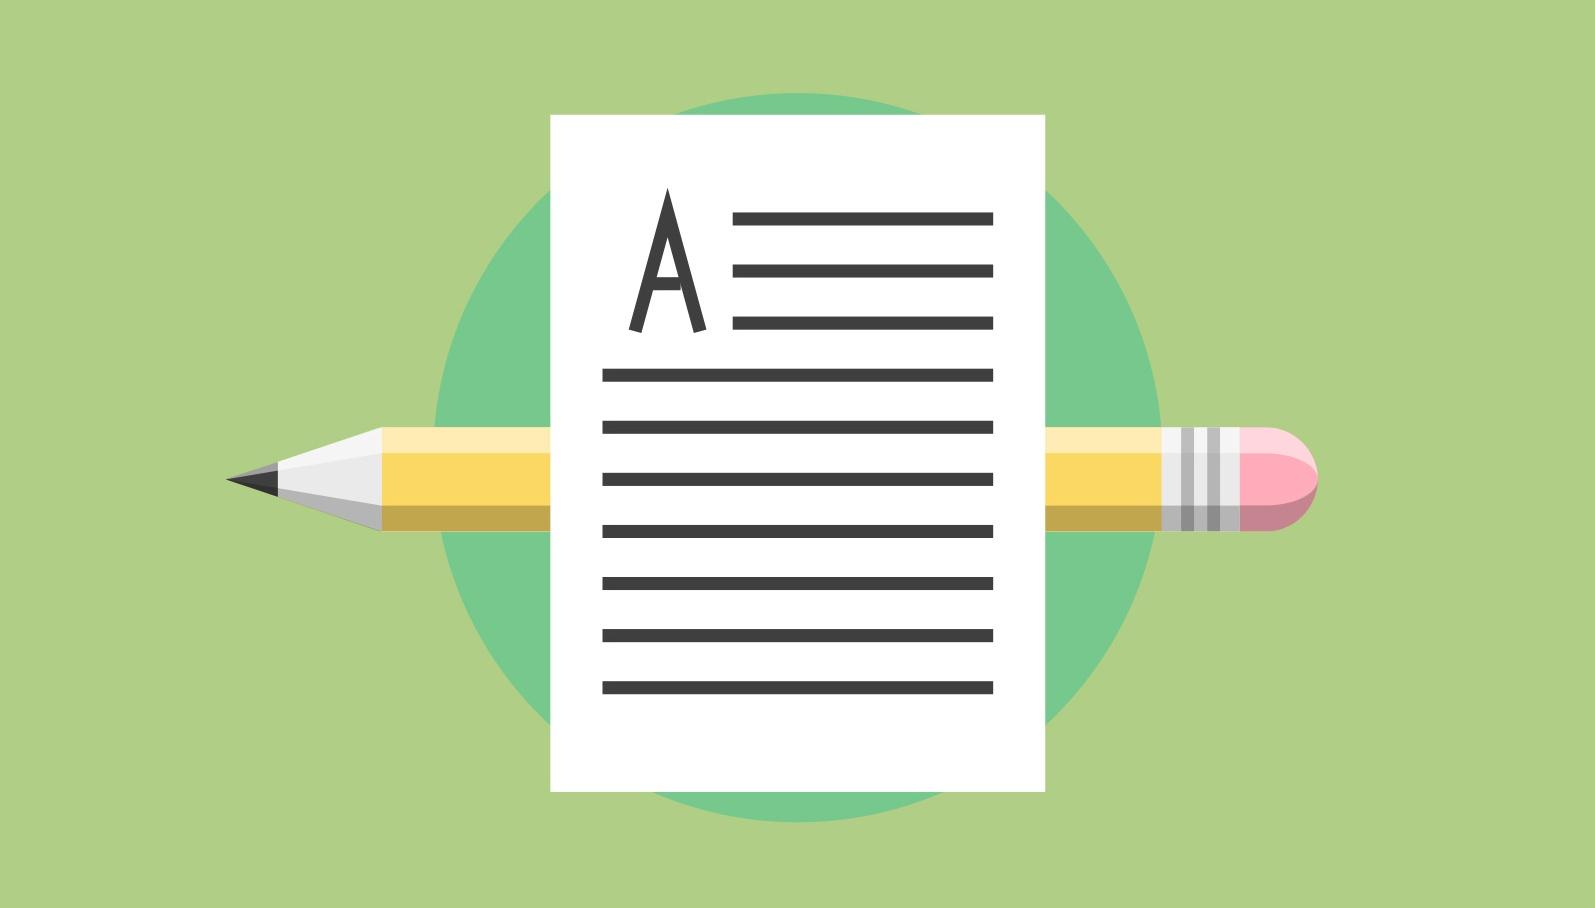 483481abe 3 dicas para transformar visitantes em leitores fiéis do seu blog